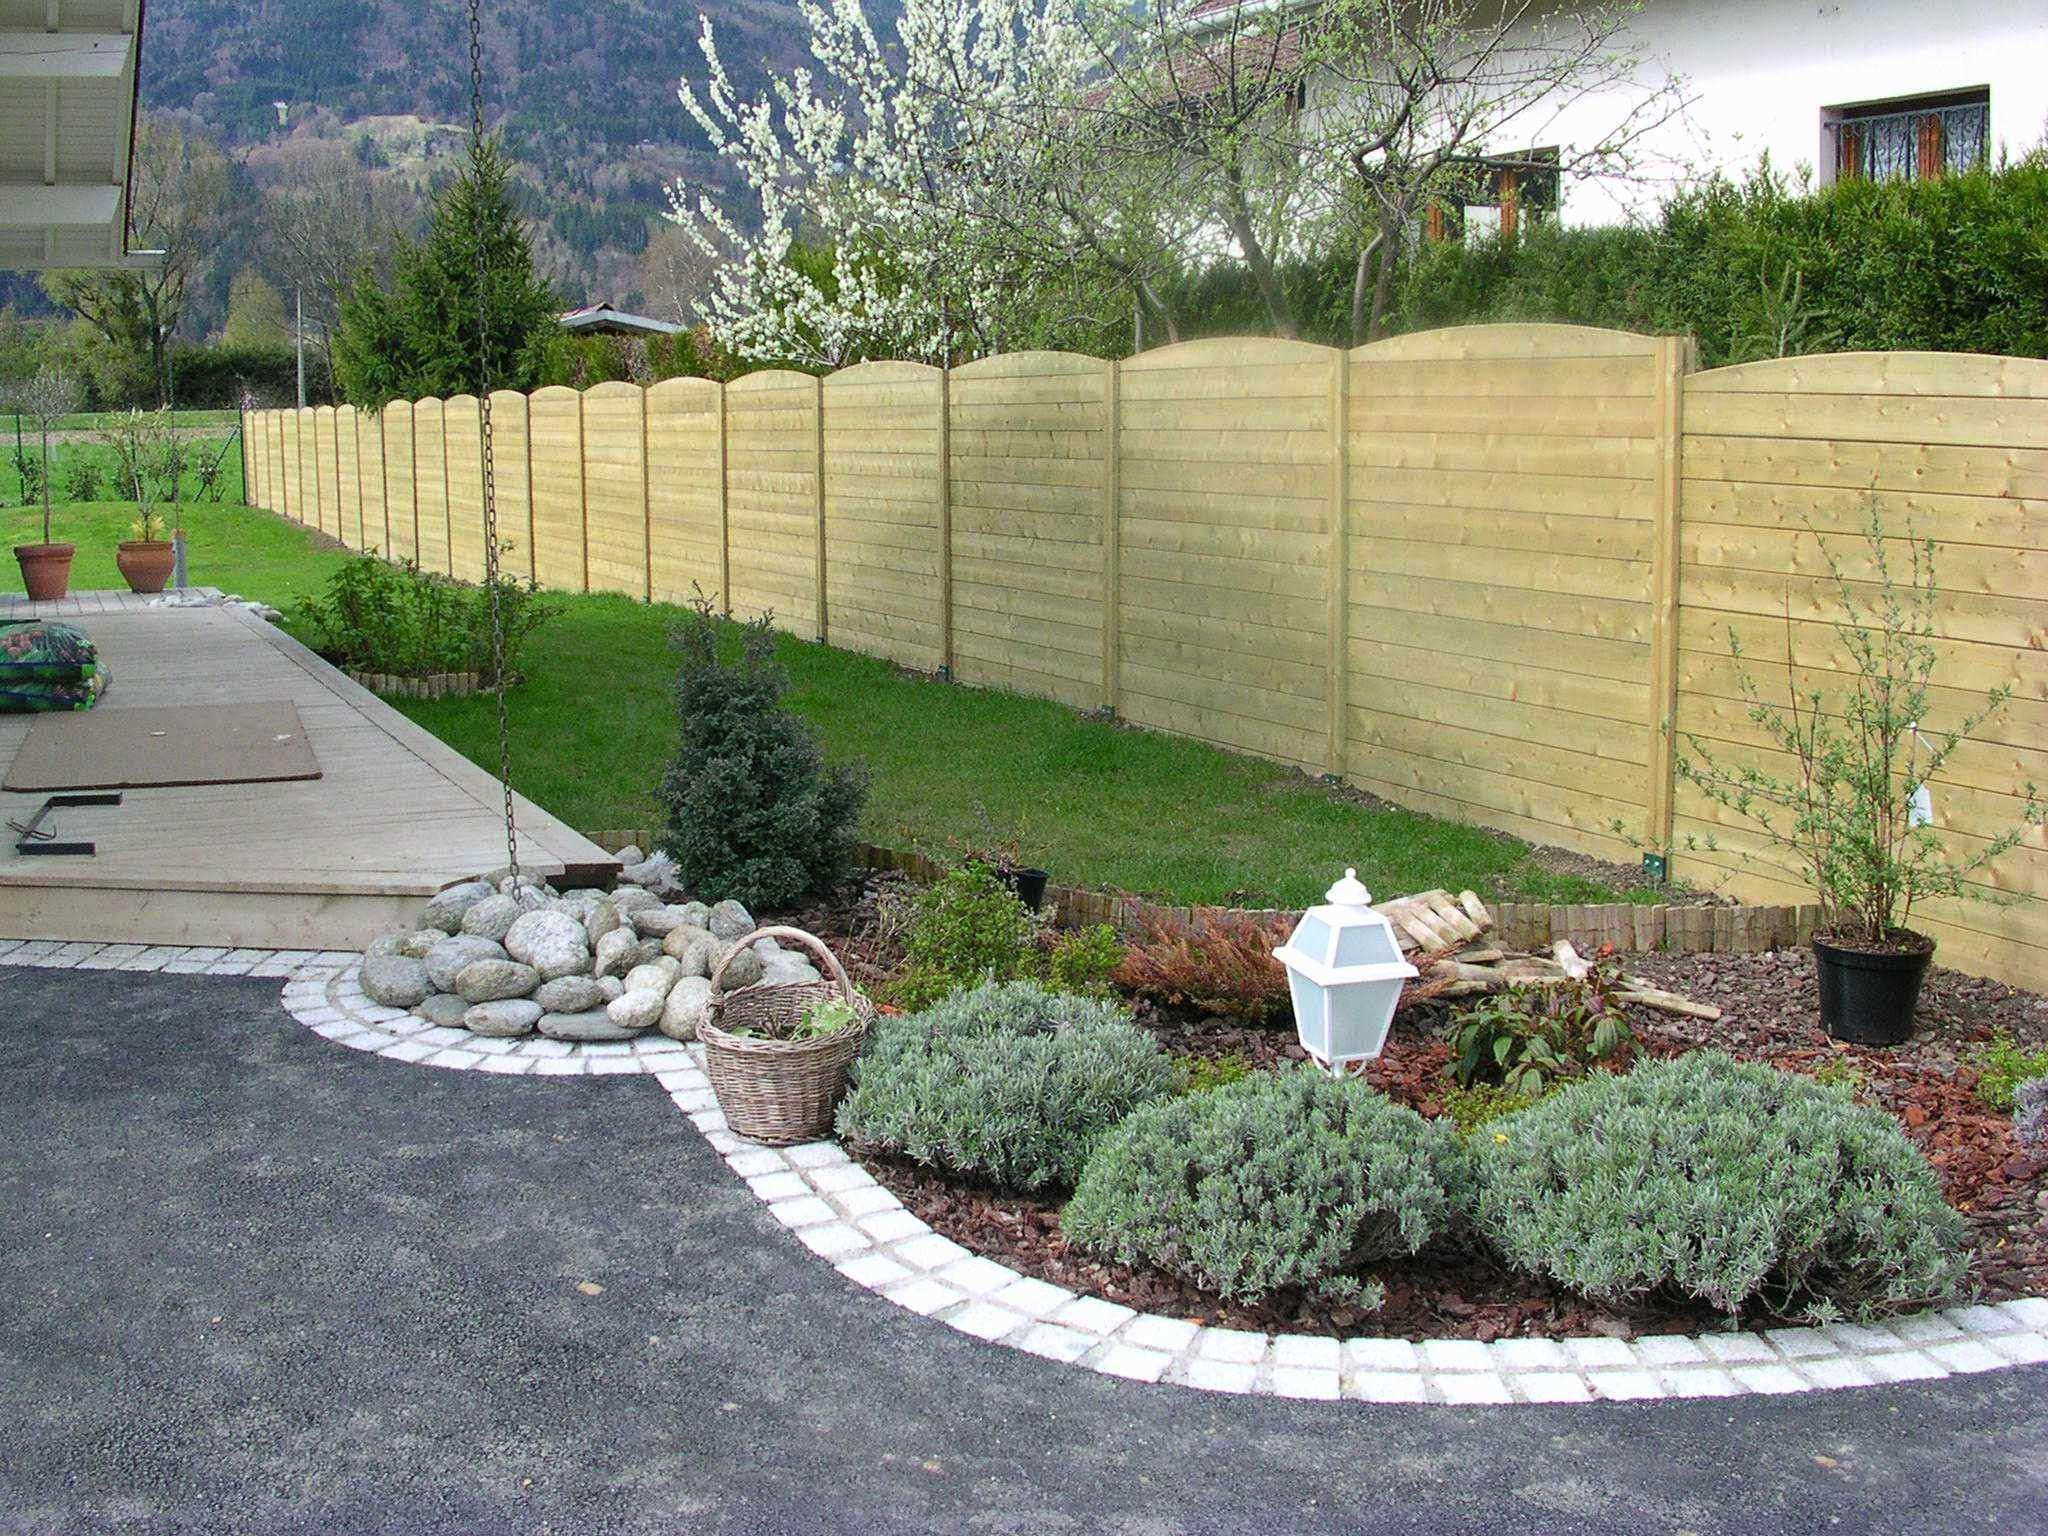 Bordures Pour Jardin Lot De 12 Hn Bordures En Métal 120X13,5 ... destiné Delimitation Jardin